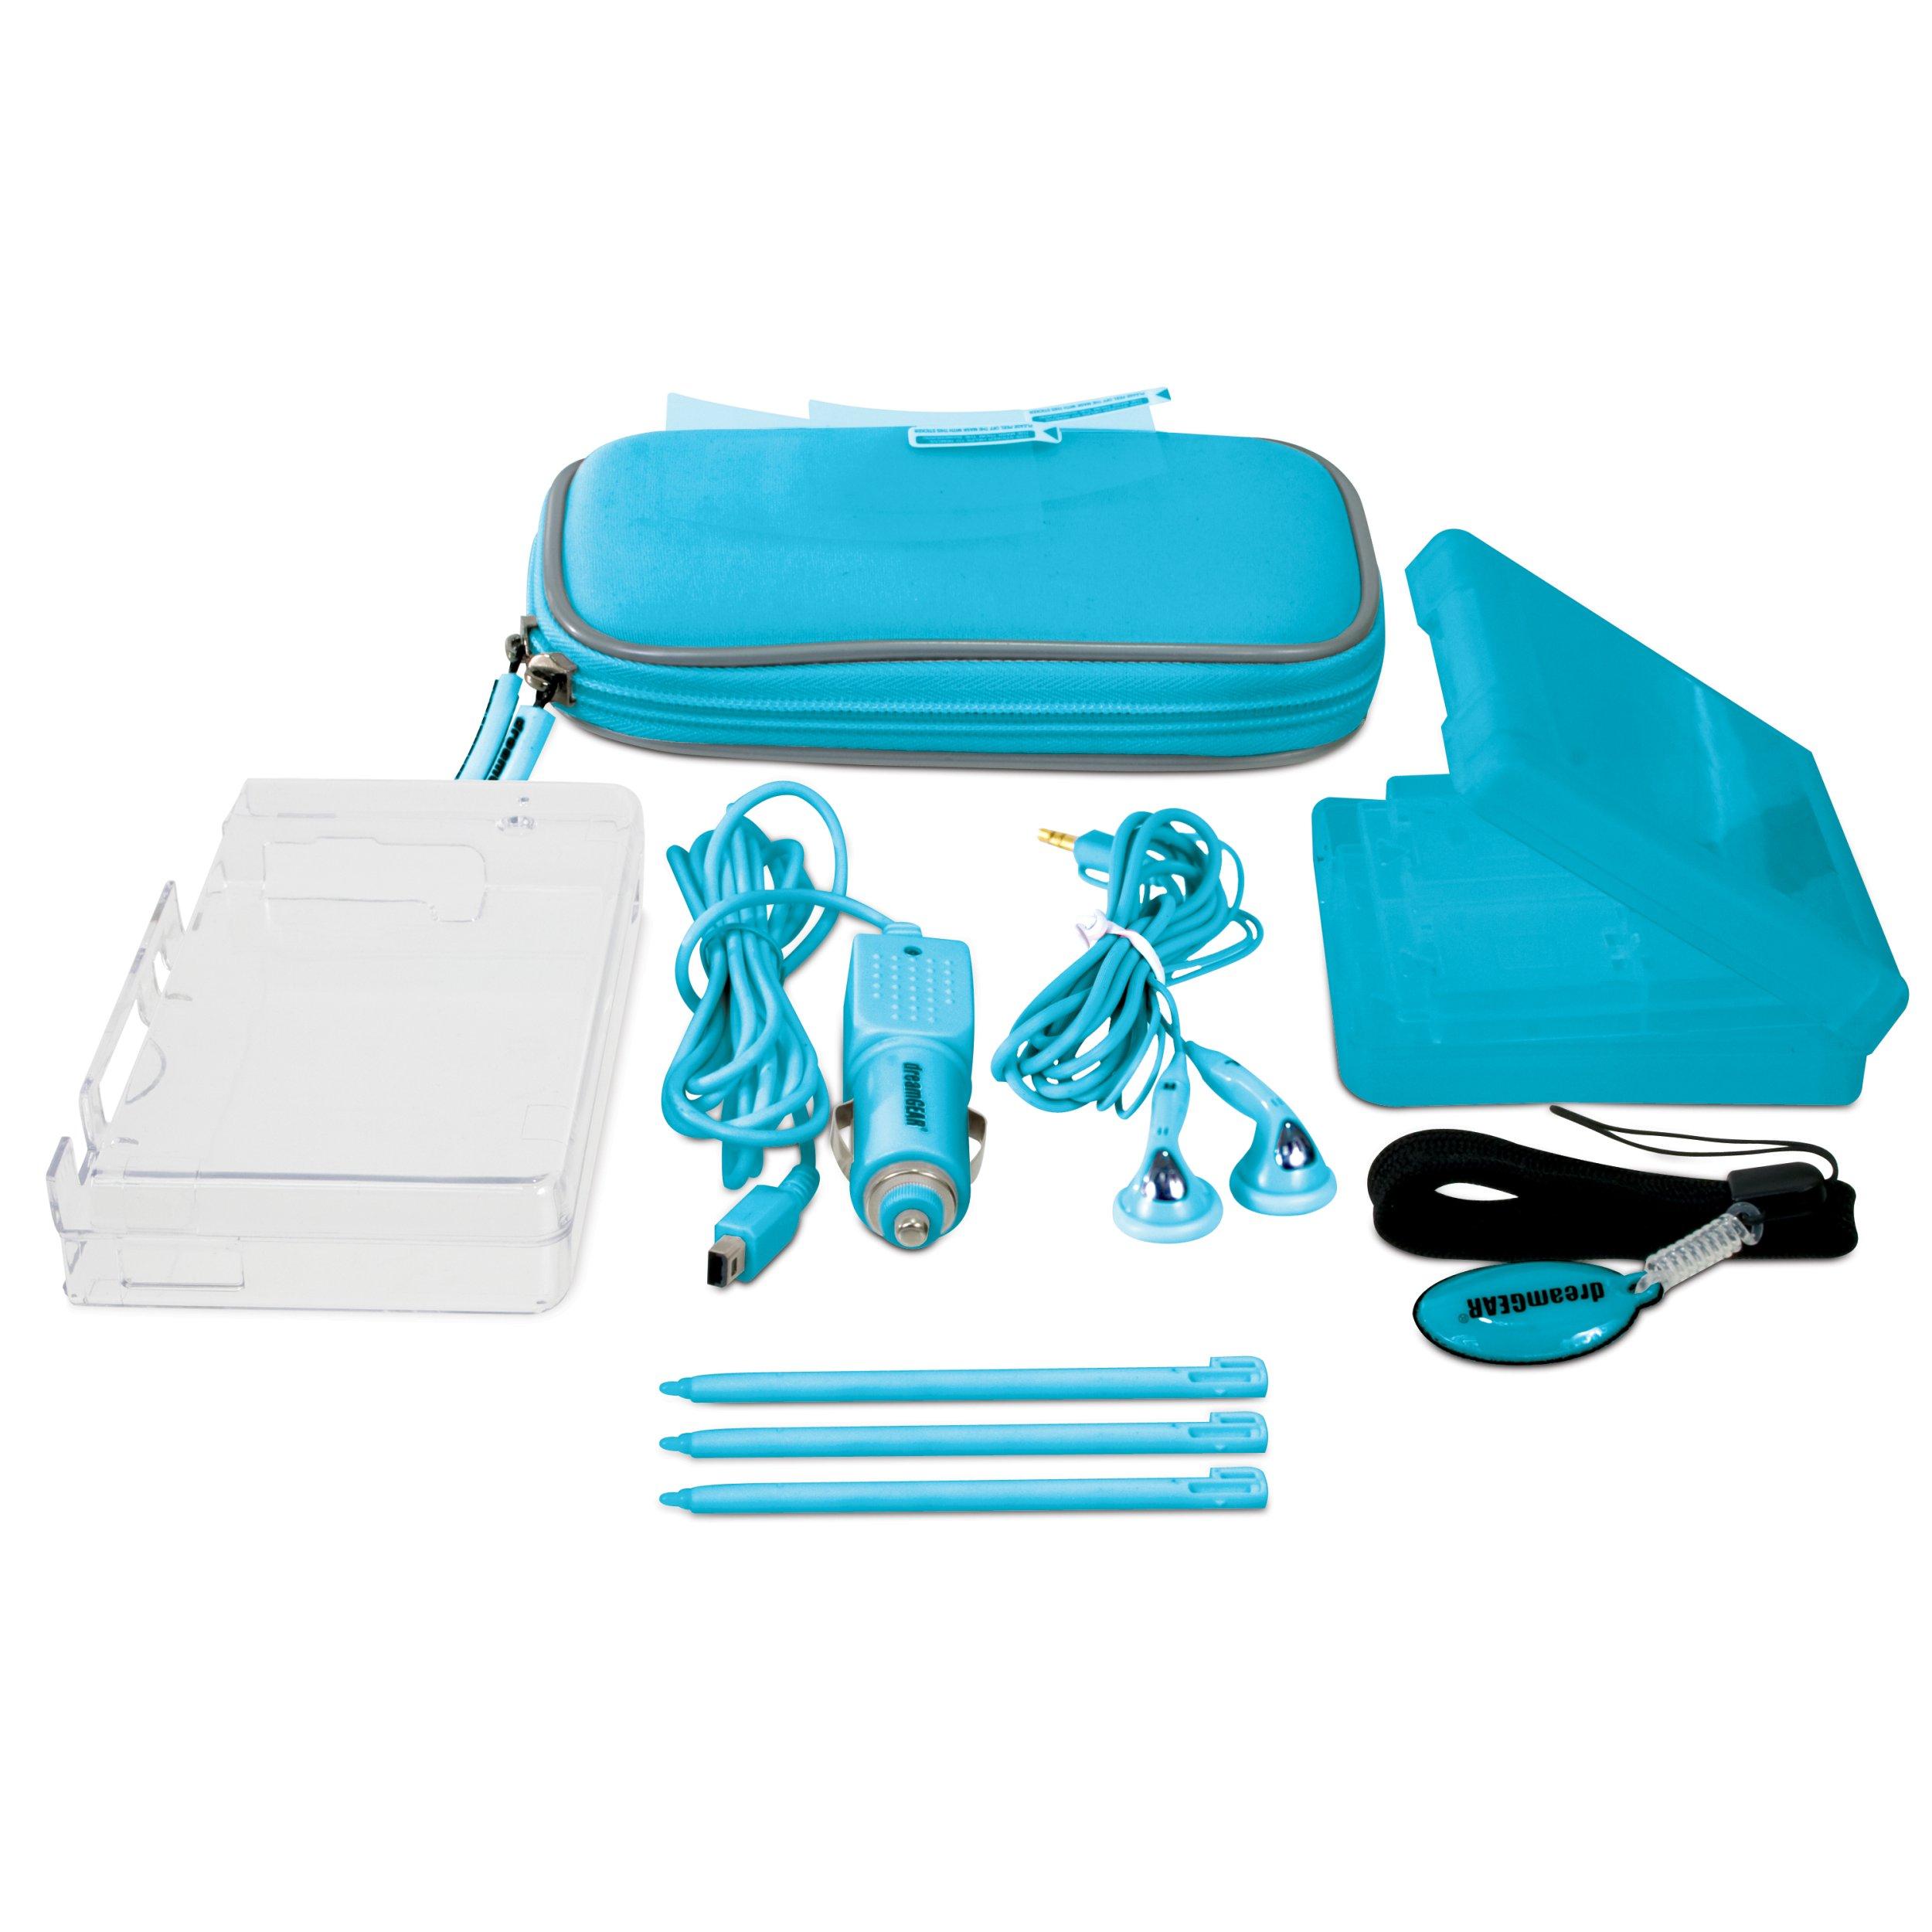 Dsi 10-in-1 Starter Kit - Blue